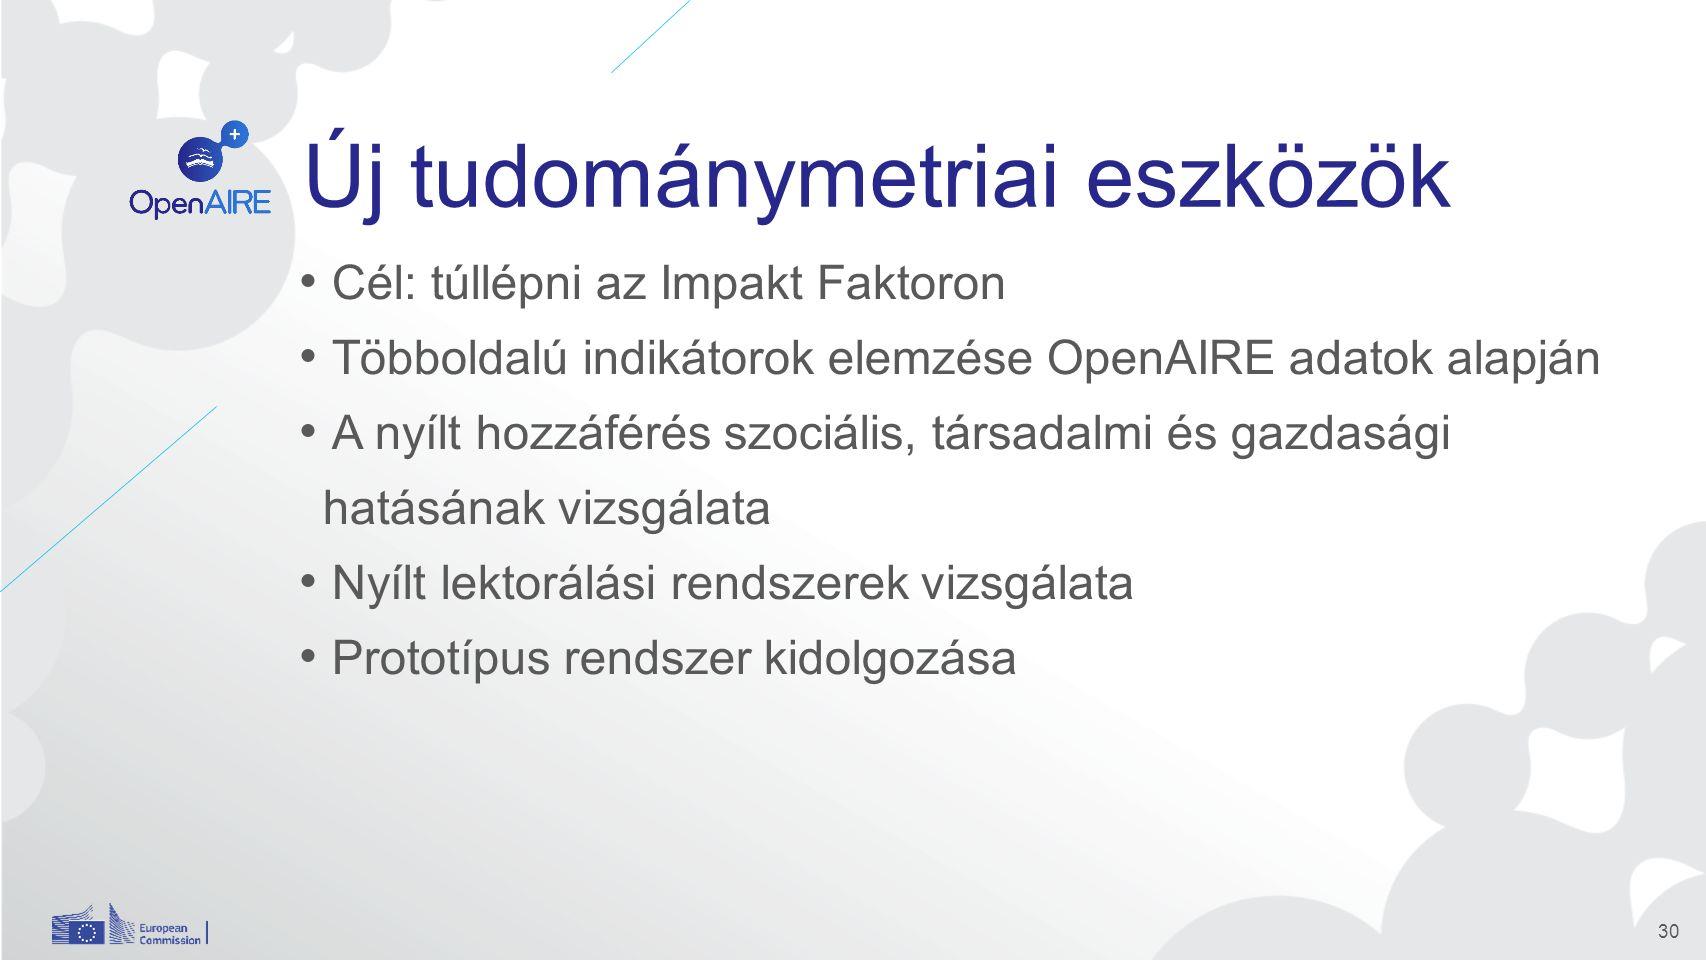 Új tudománymetriai eszközök Cél: túllépni az Impakt Faktoron Többoldalú indikátorok elemzése OpenAIRE adatok alapján A nyílt hozzáférés szociális, társadalmi és gazdasági hatásának vizsgálata Nyílt lektorálási rendszerek vizsgálata Prototípus rendszer kidolgozása 30